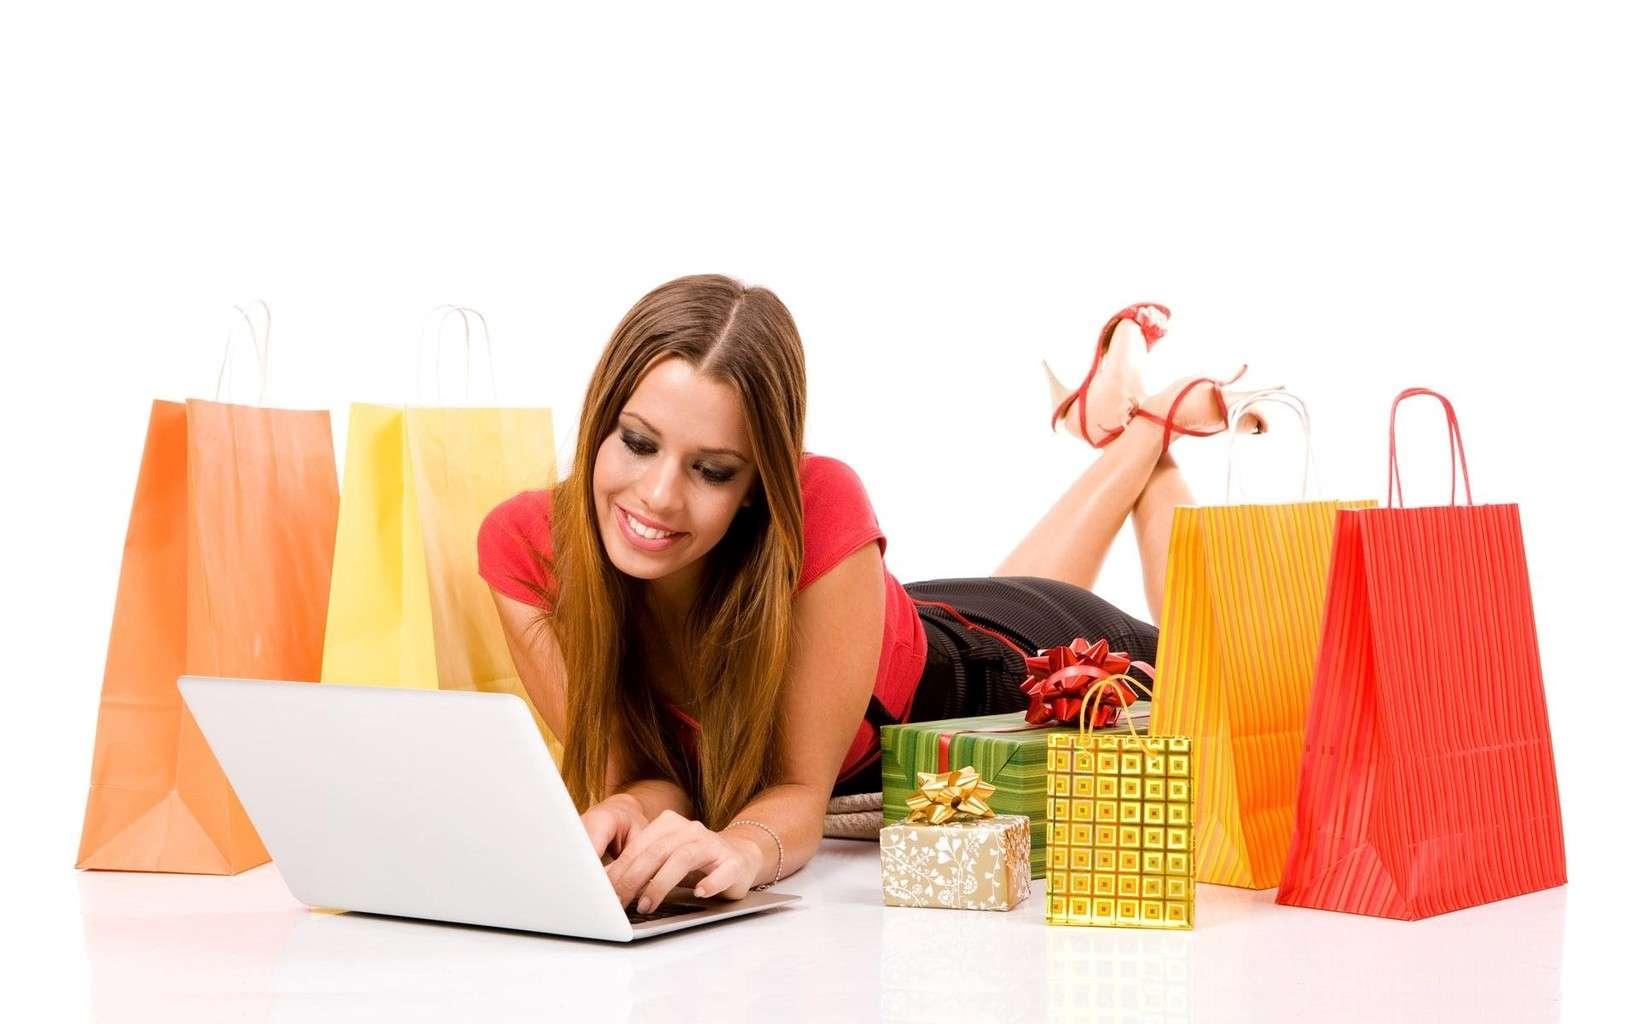 como-comprar-en-internet-sin-tarjeta-de-credito